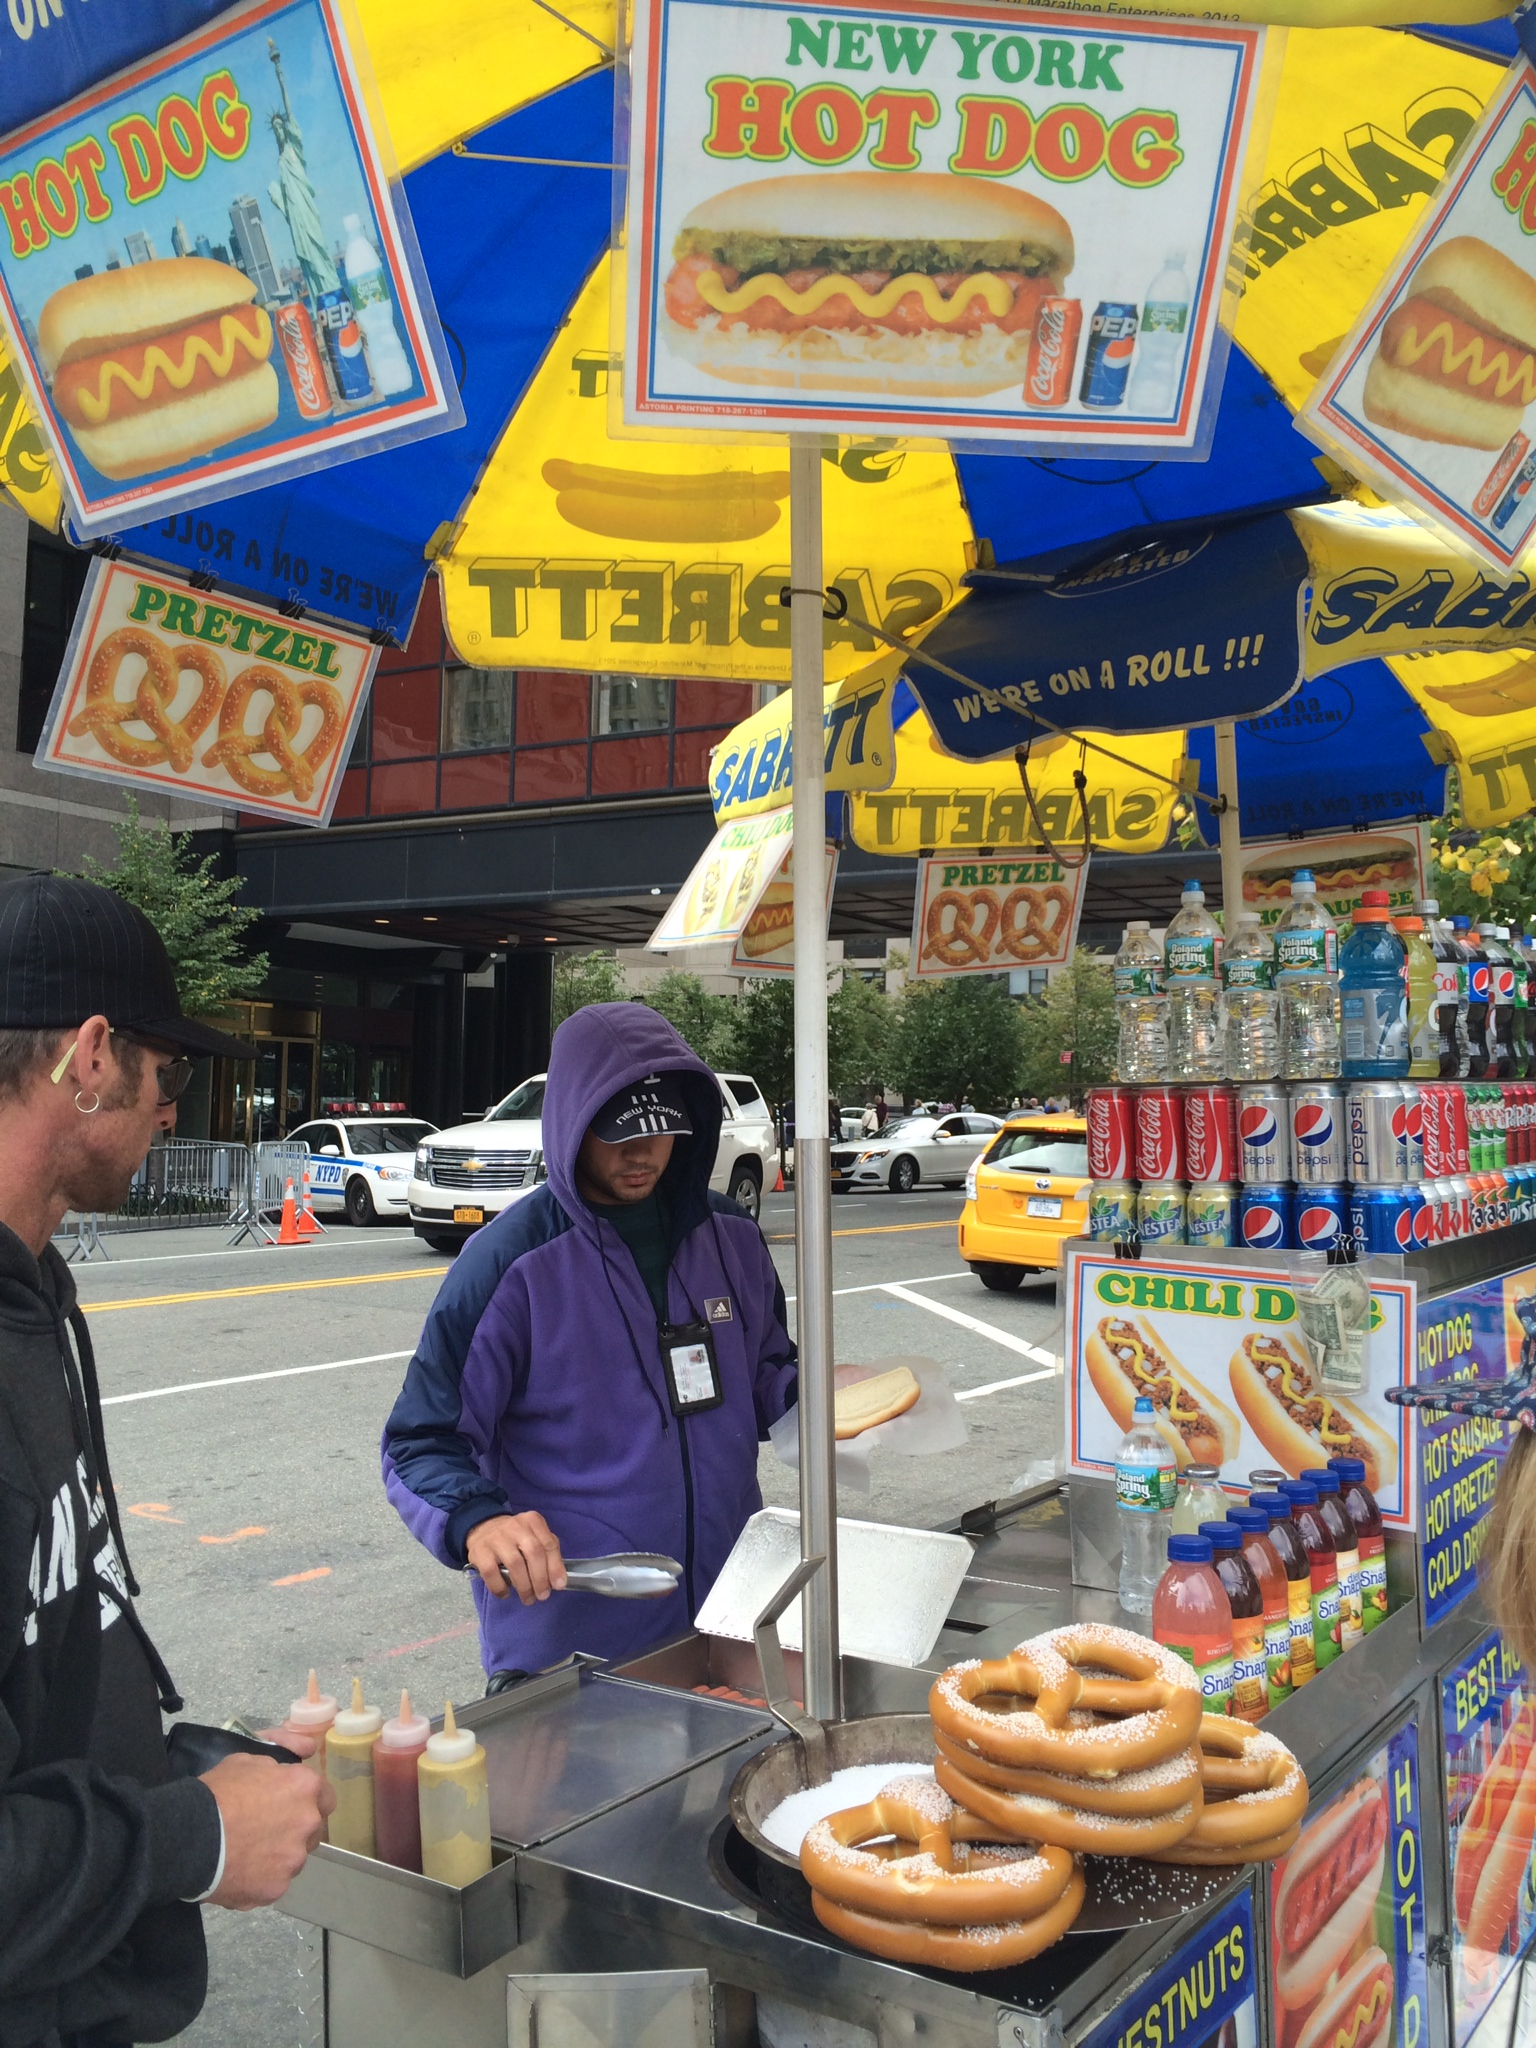 ニューヨークの路上屋台で売ってるホットドッグを死ぬまでに一度は食ってみたい